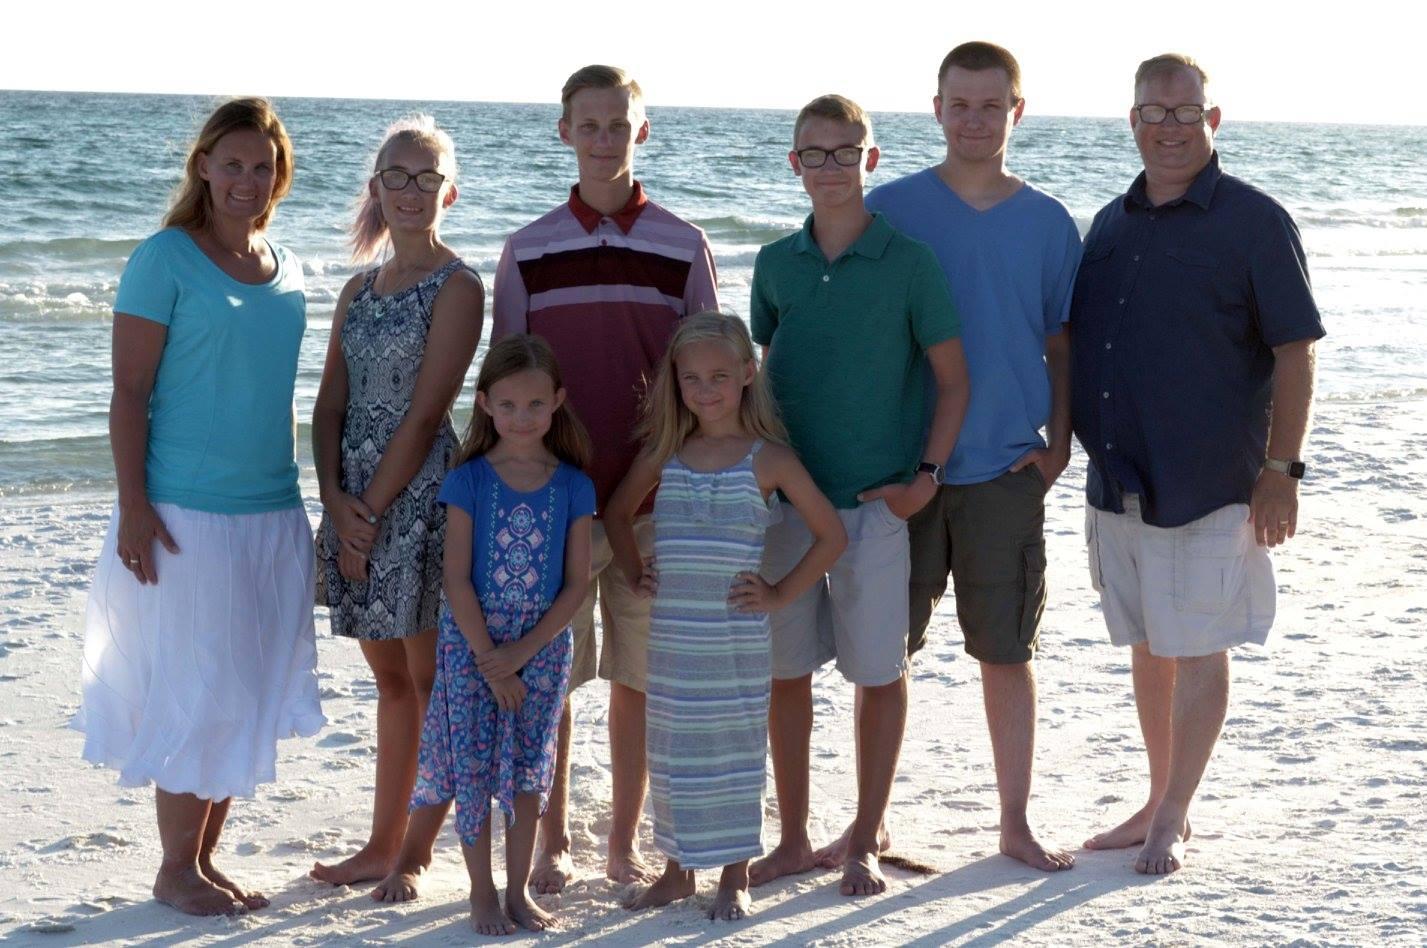 Meet James Purcell – A Fellow Homeschool Daddy